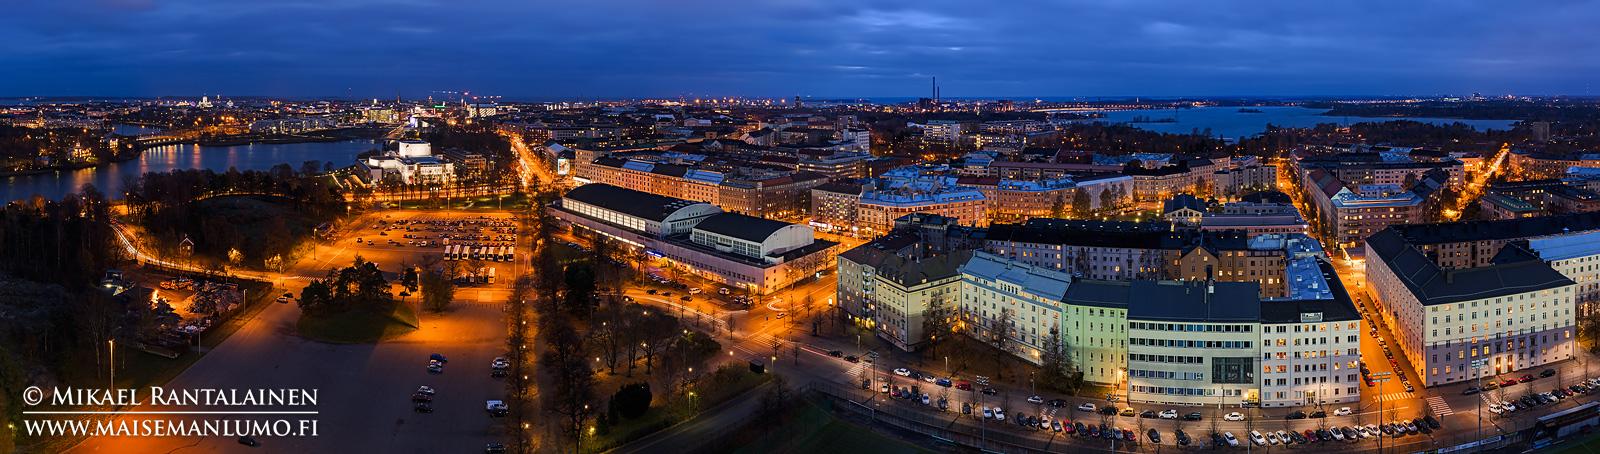 Panoraama Olympiastadionin tornista, Helsinki (HP148)